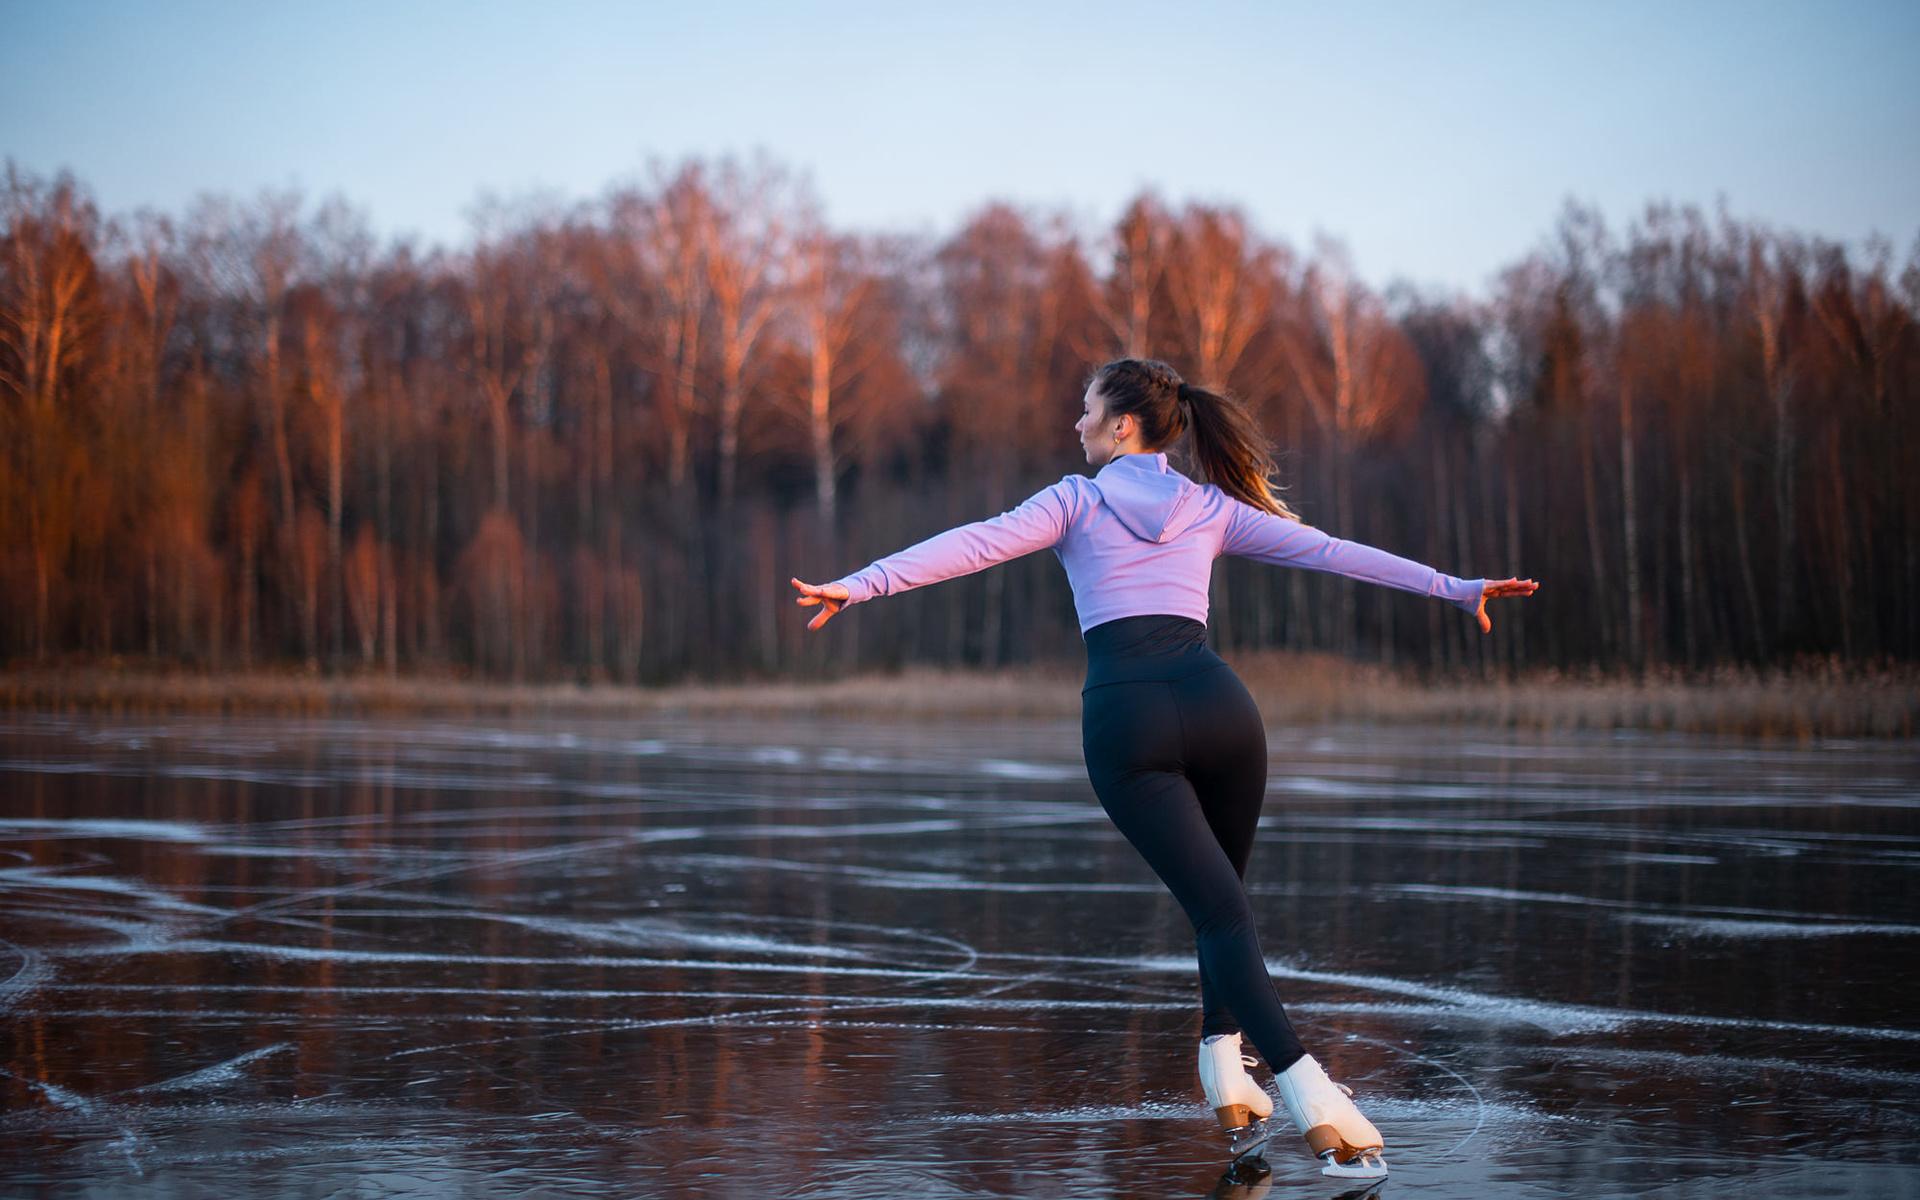 девушка, модель, спорт, фигурное катание, каток,лёд,вид,природа,красота